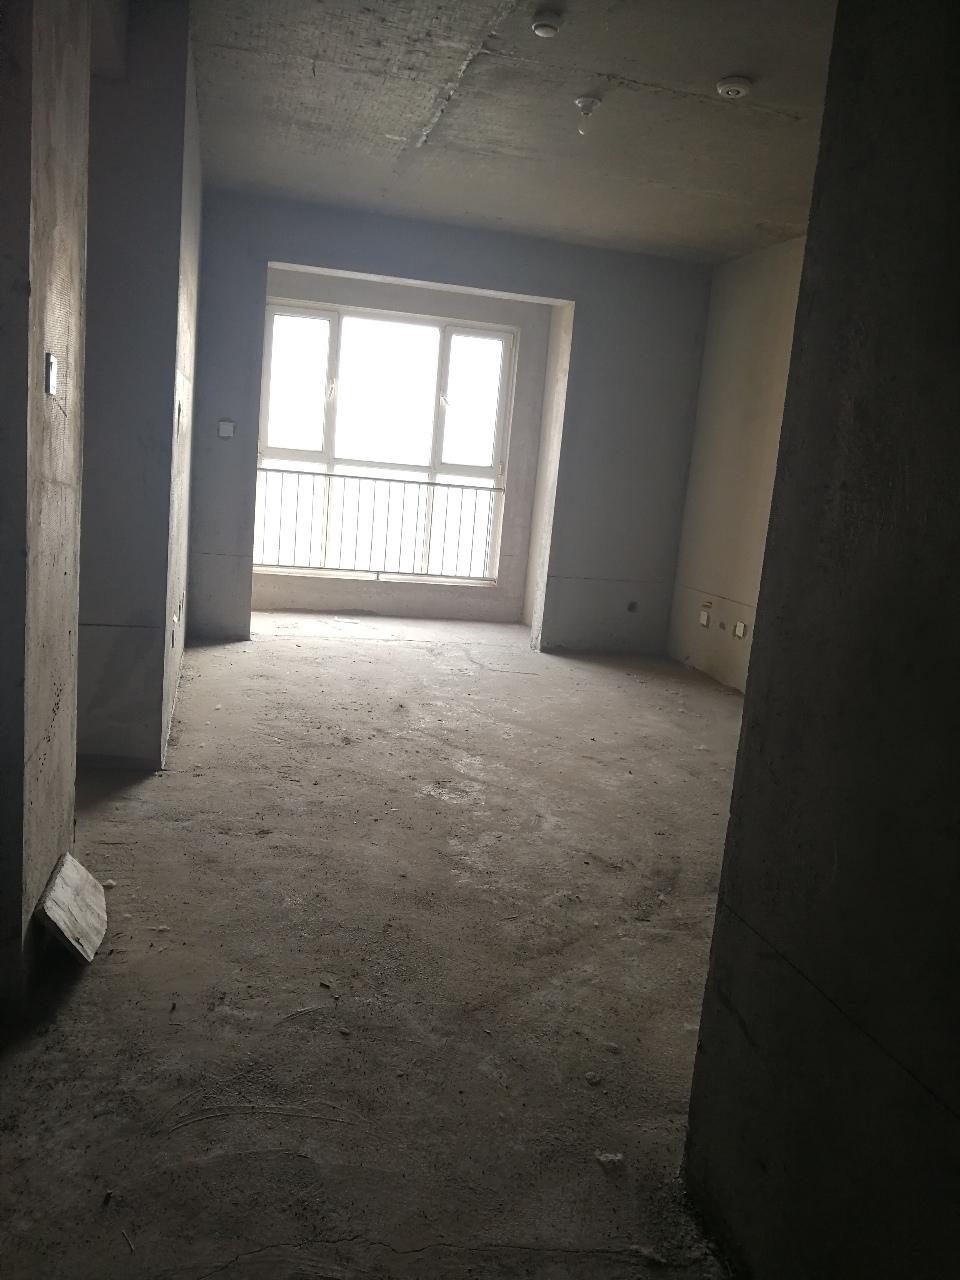 渤海经典3室,毛坯,实验学区房,57万元,可贷